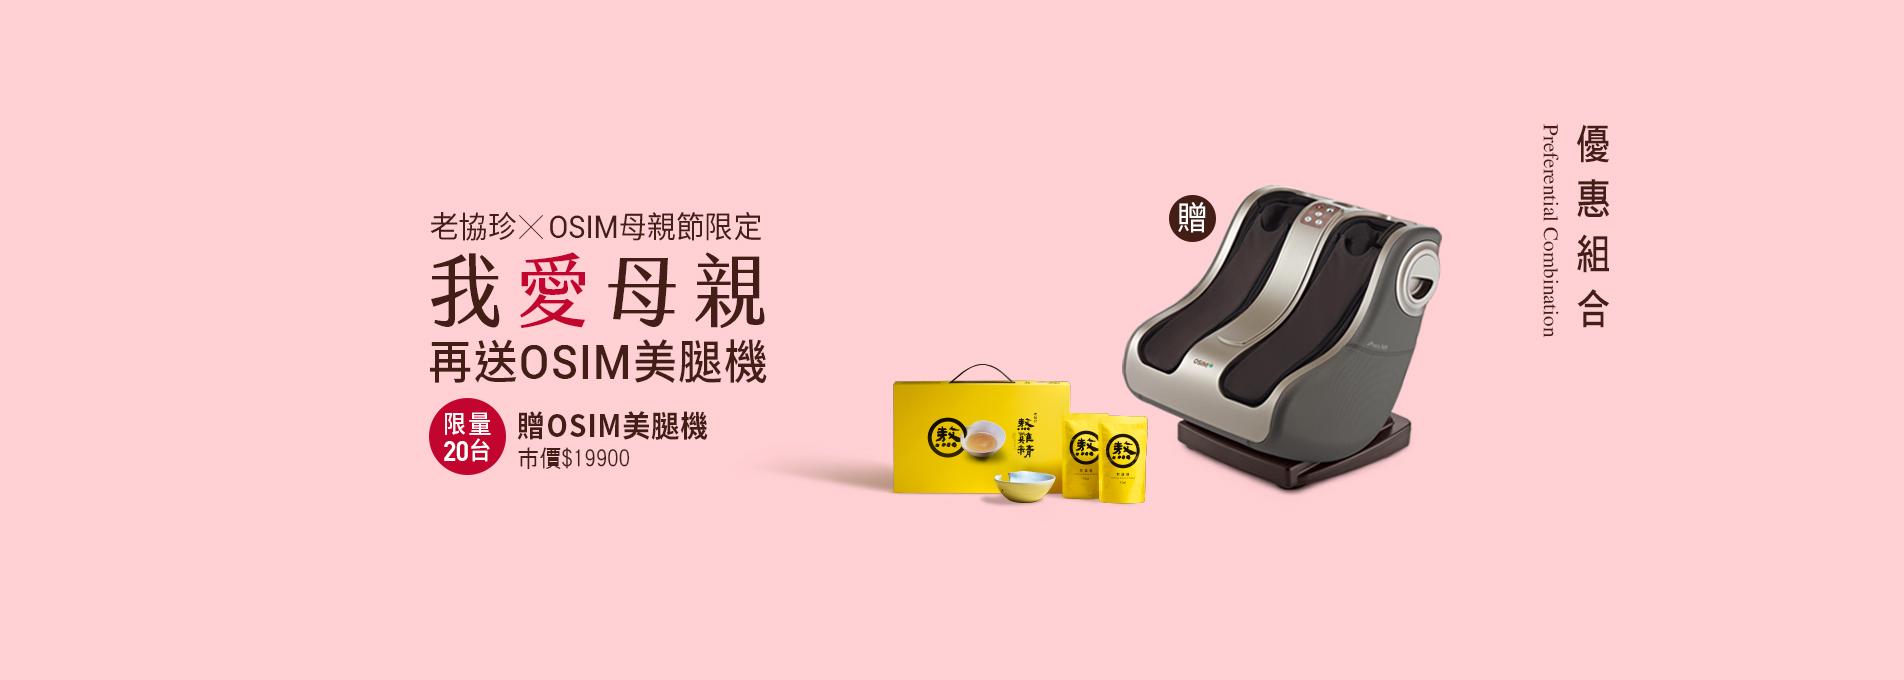 熬雞精禮盒(常溫) / 團購組贈【OSIM美腿機】